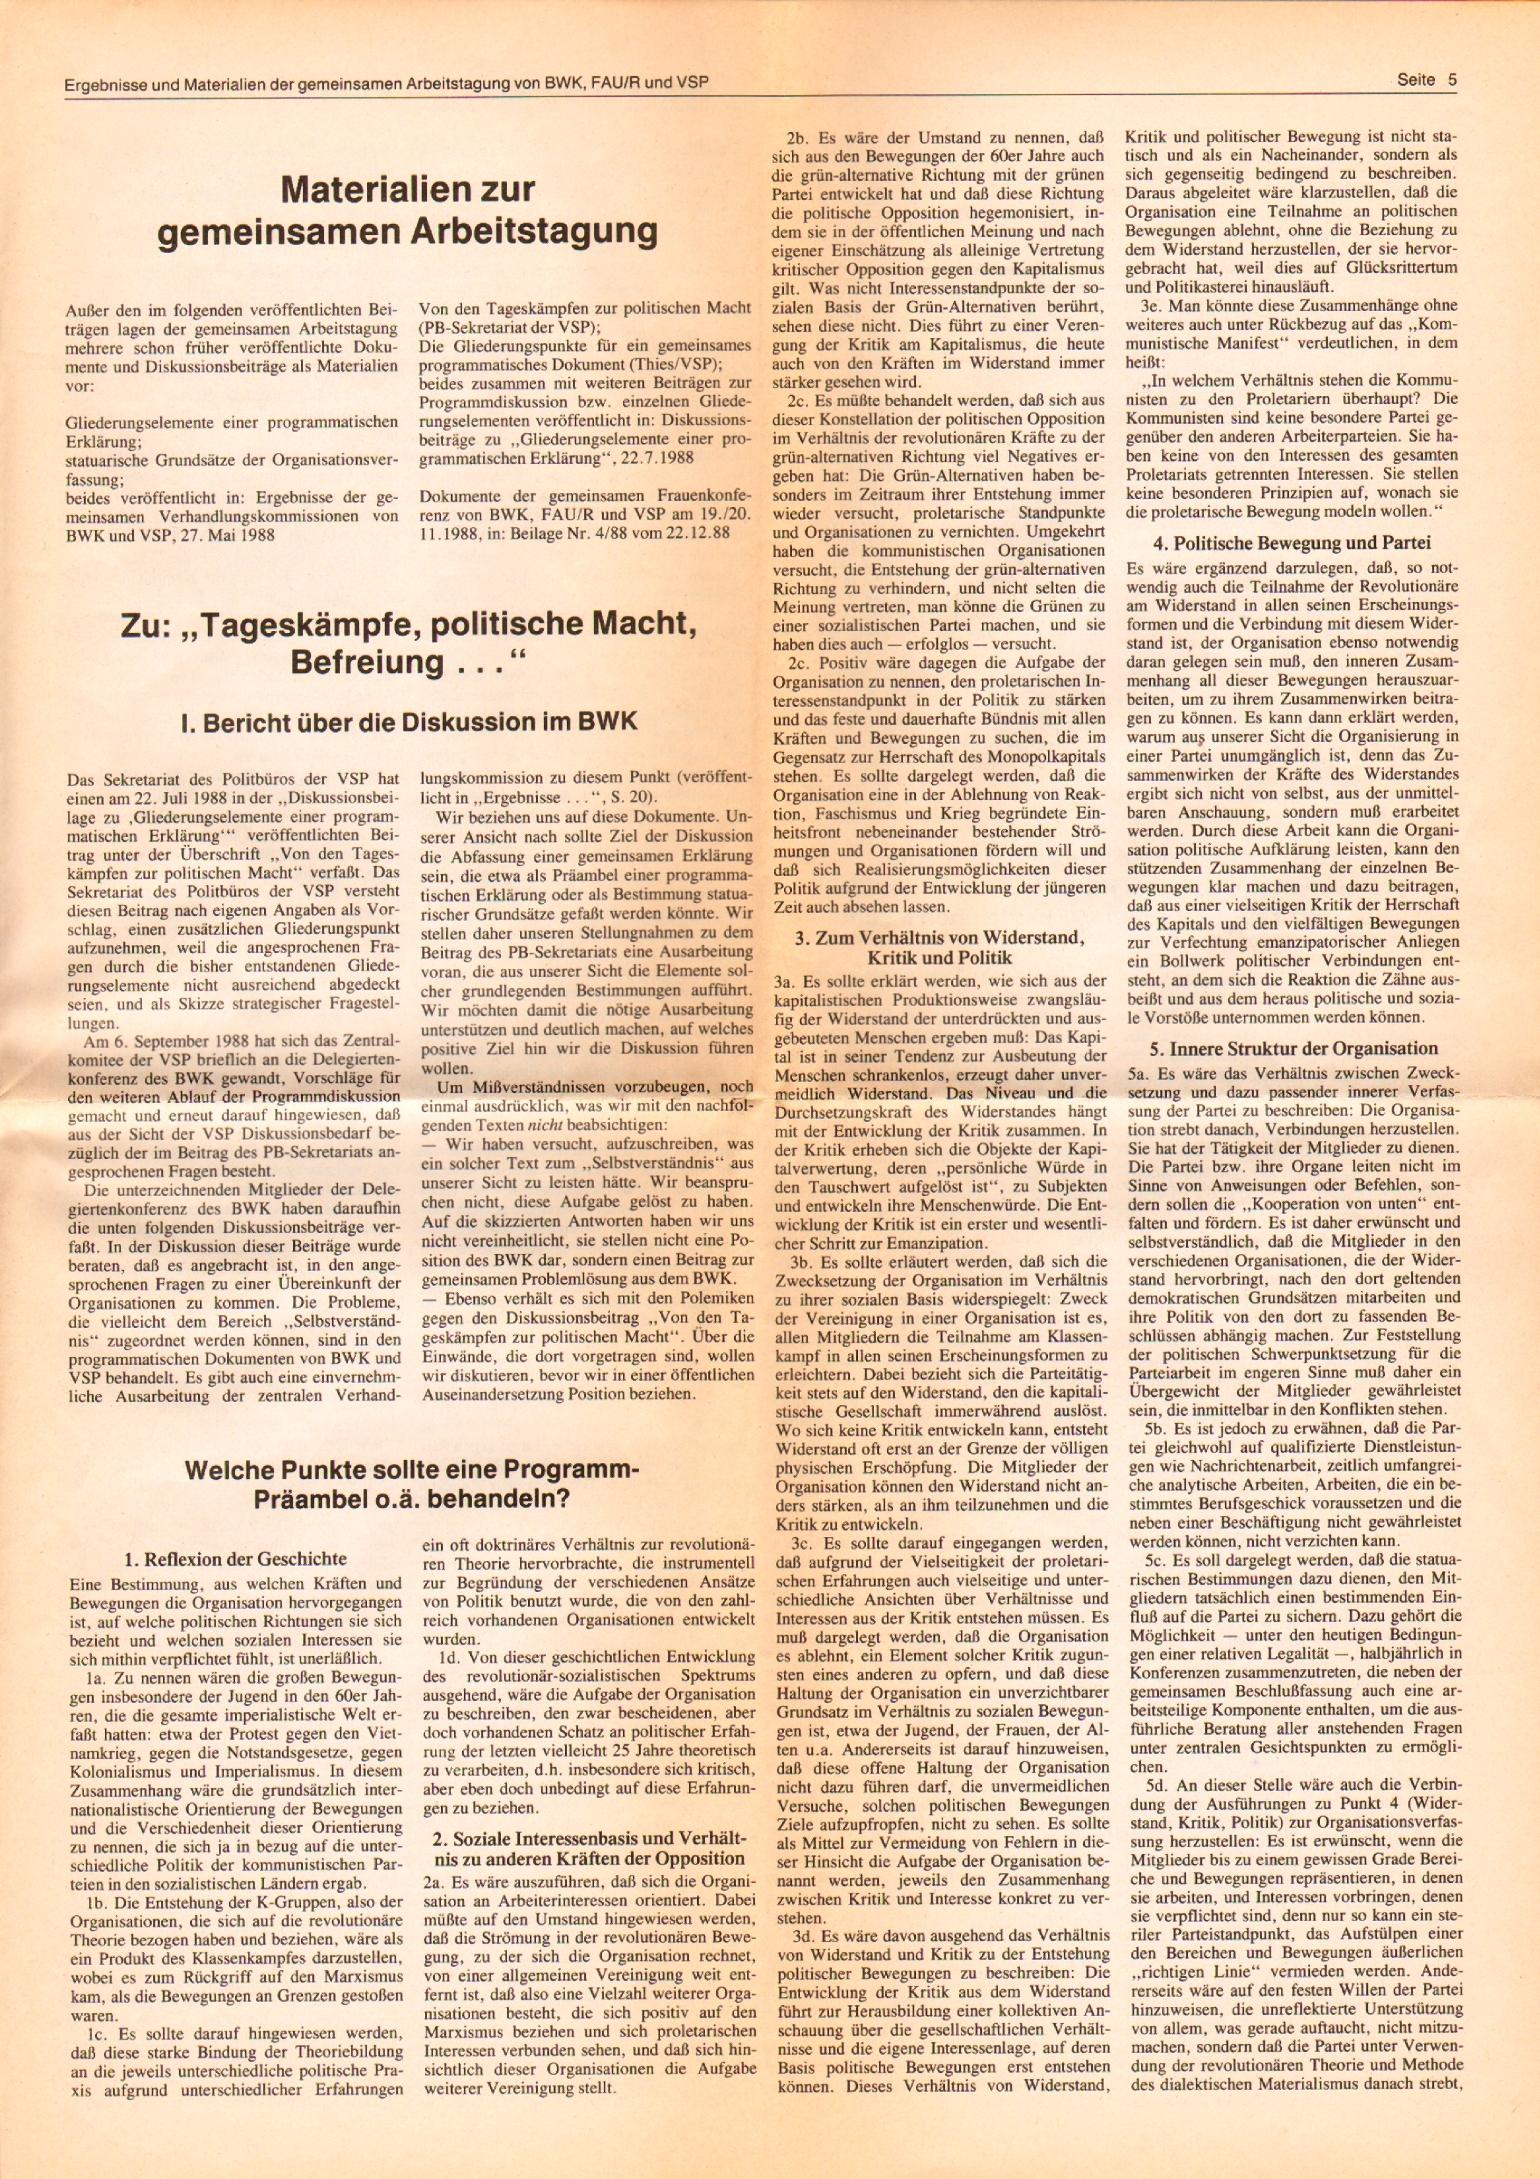 Gemeinsame_Arbeitstagung_1988_05